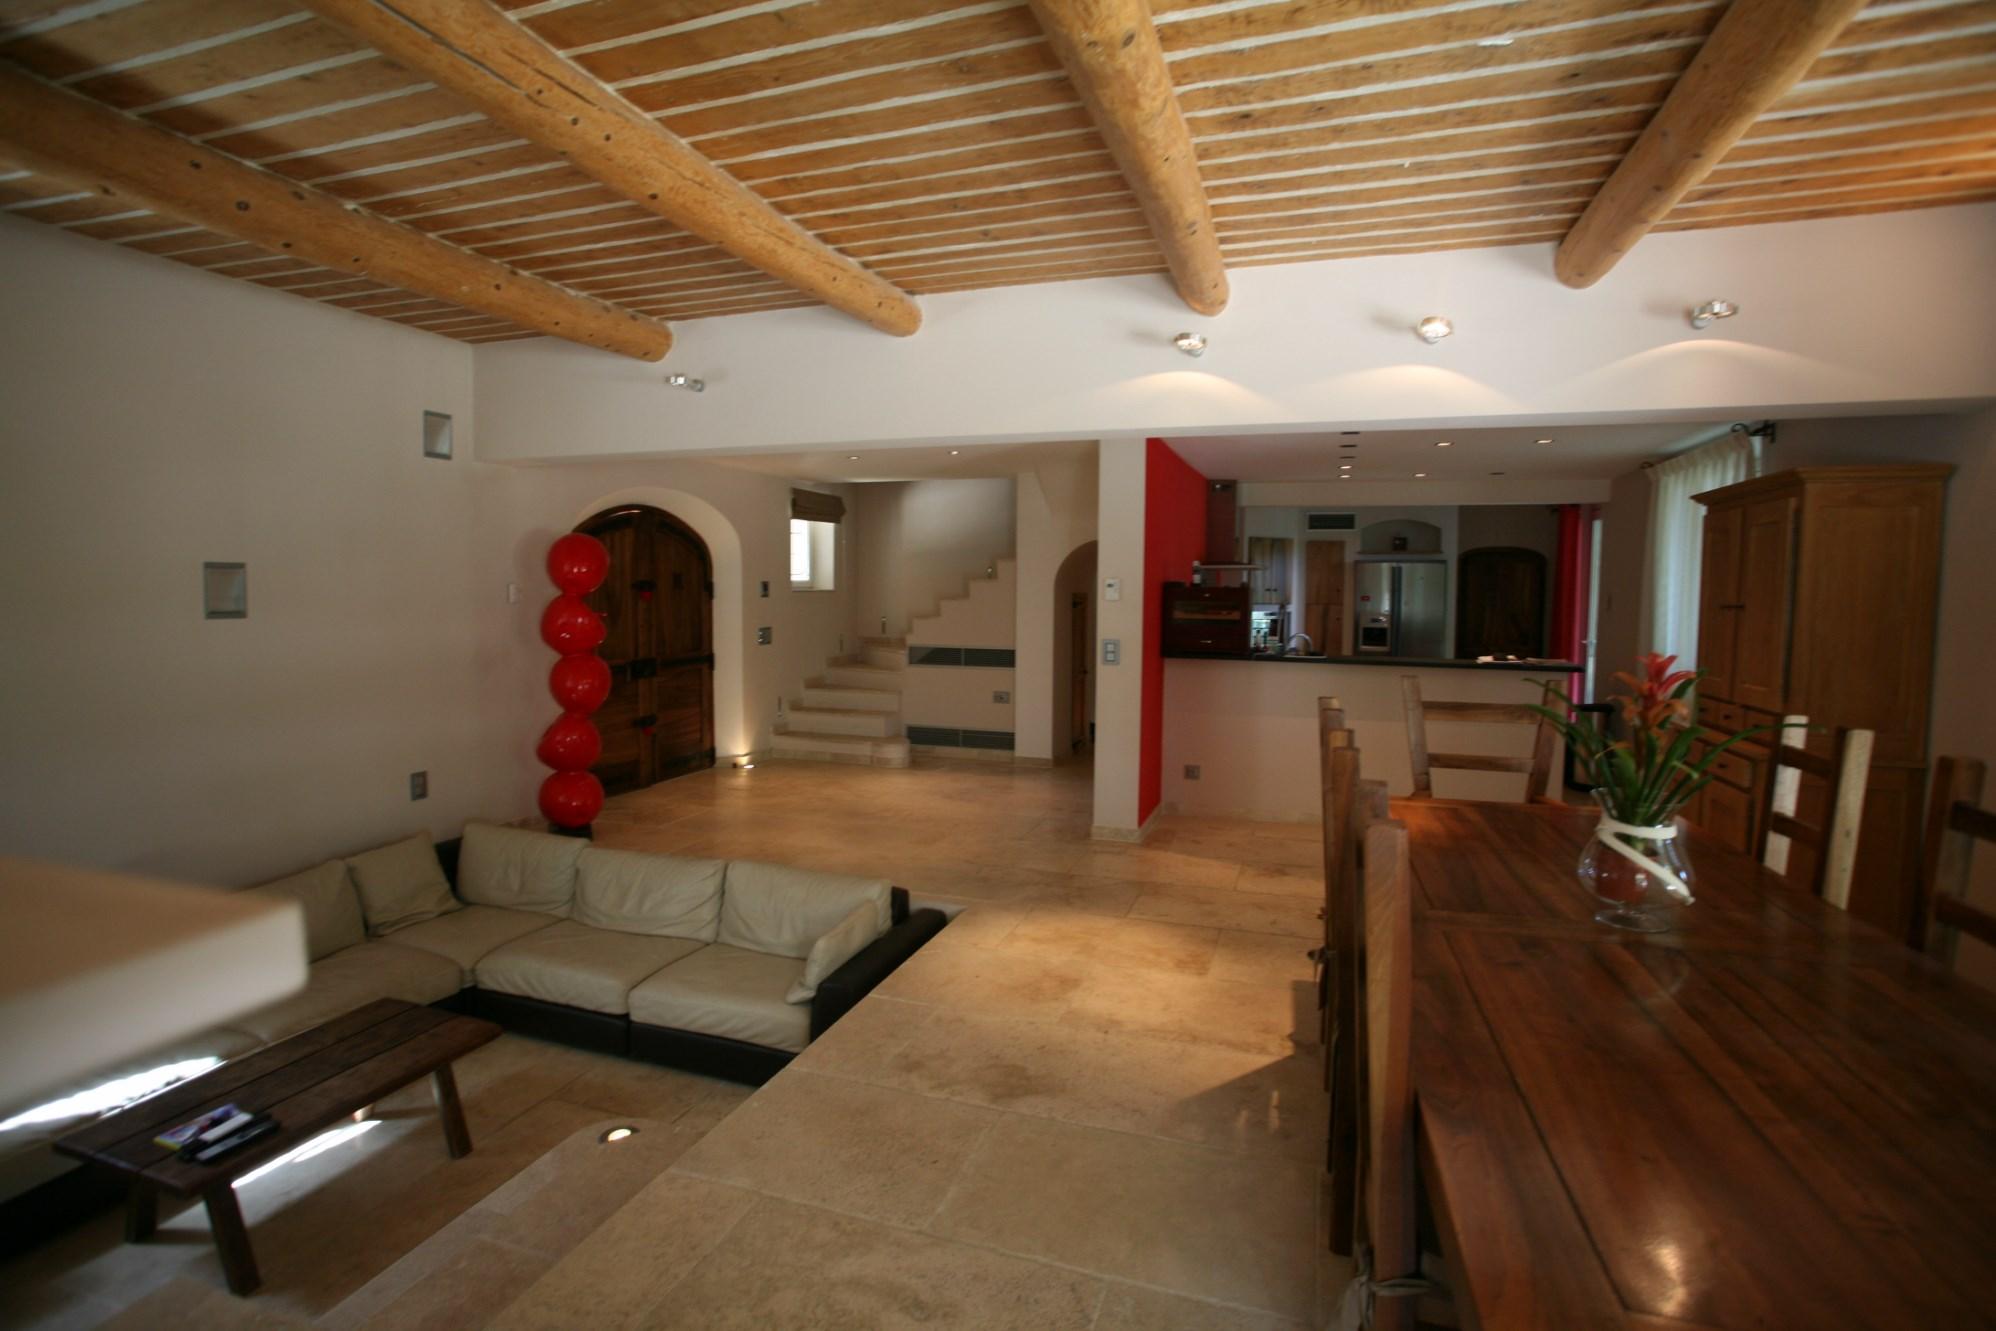 Sud Luberon,  proche Aix en Provence et proche du centre d'un village, à vendre,  propriété contemporaine sur 4 hectares